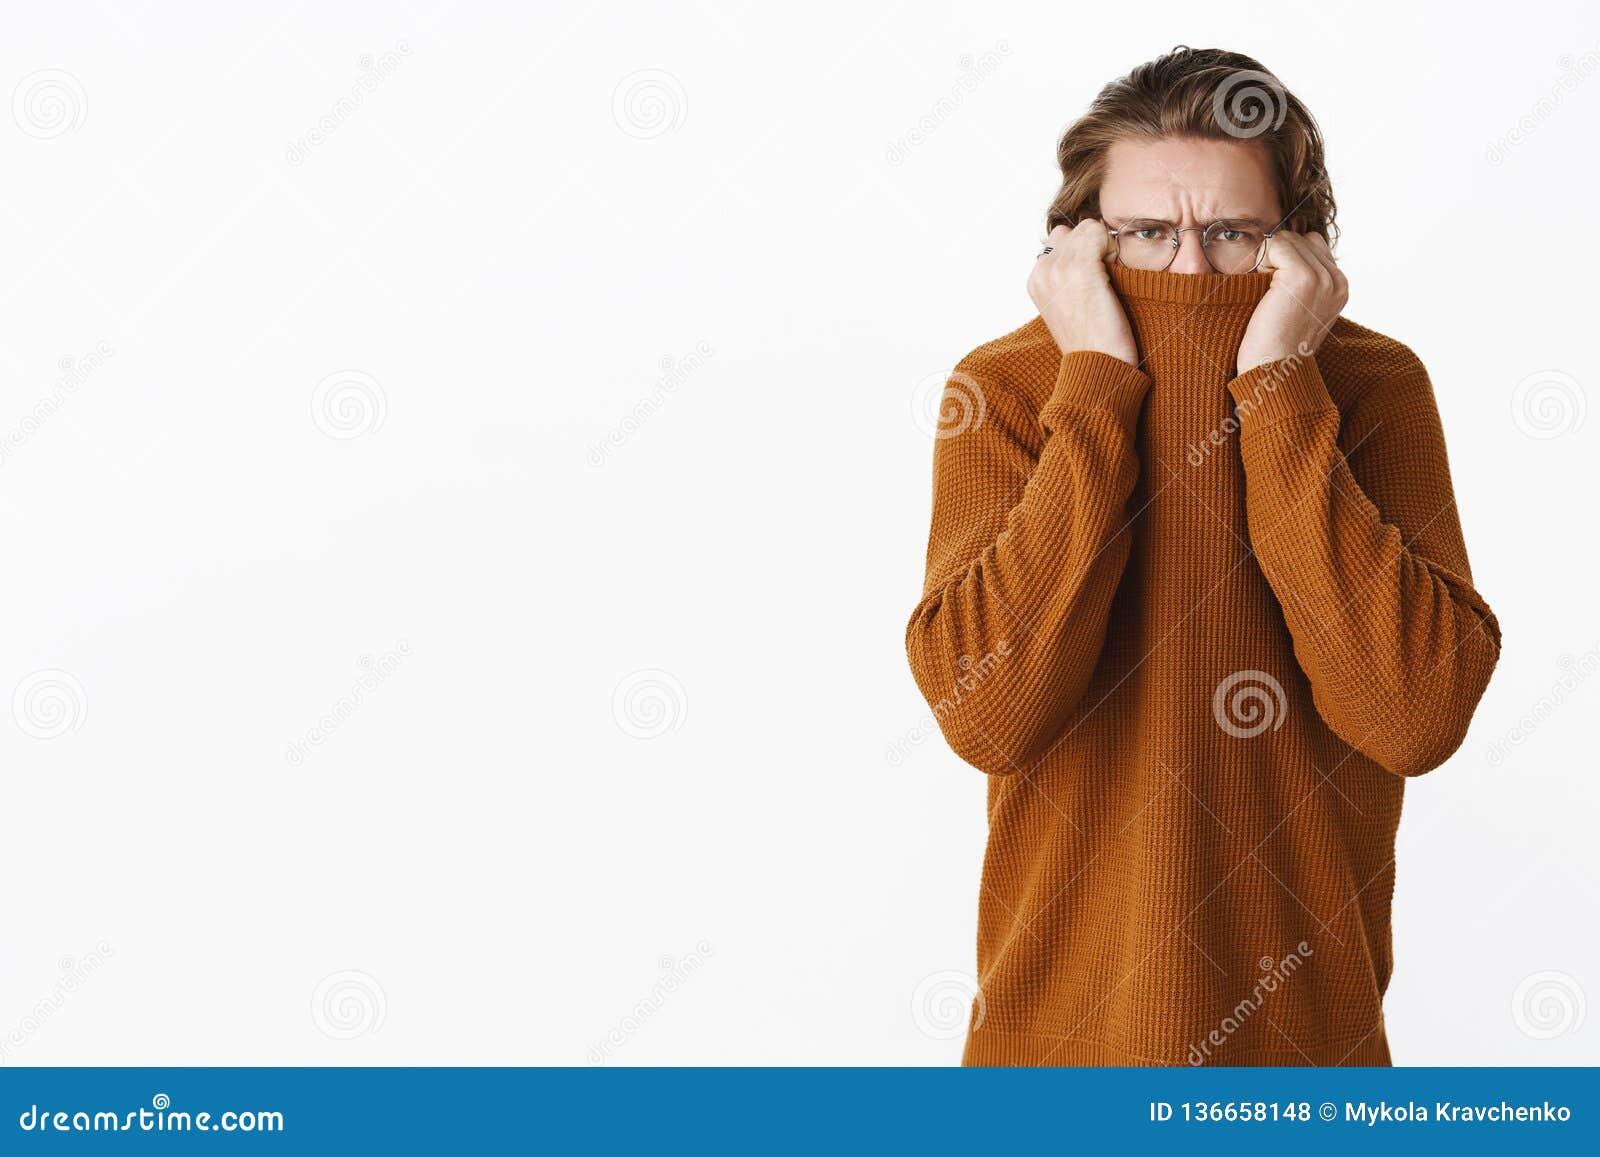 Studioschot van ontstemde gehinderde leuke Kaukasische kerel met lang eerlijk haar en glazen teleurgesteld fronsen zoals schudden